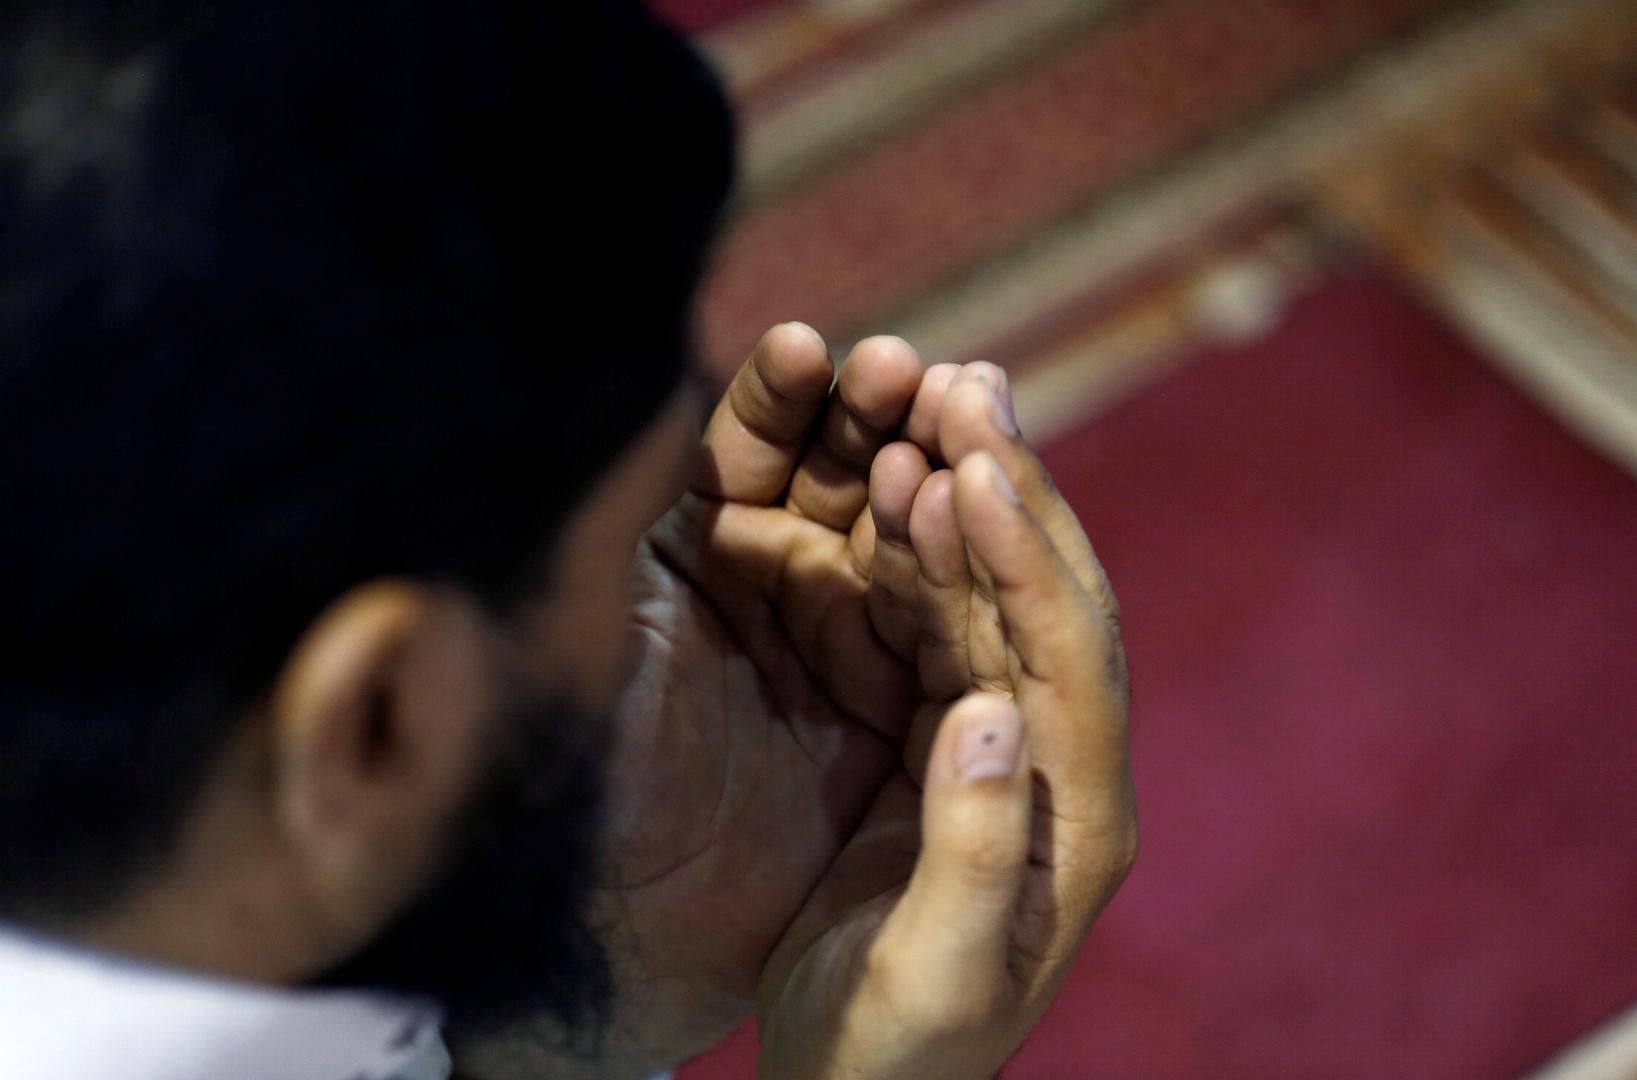 رجل مصري يؤدي الصلاة، أرشيف